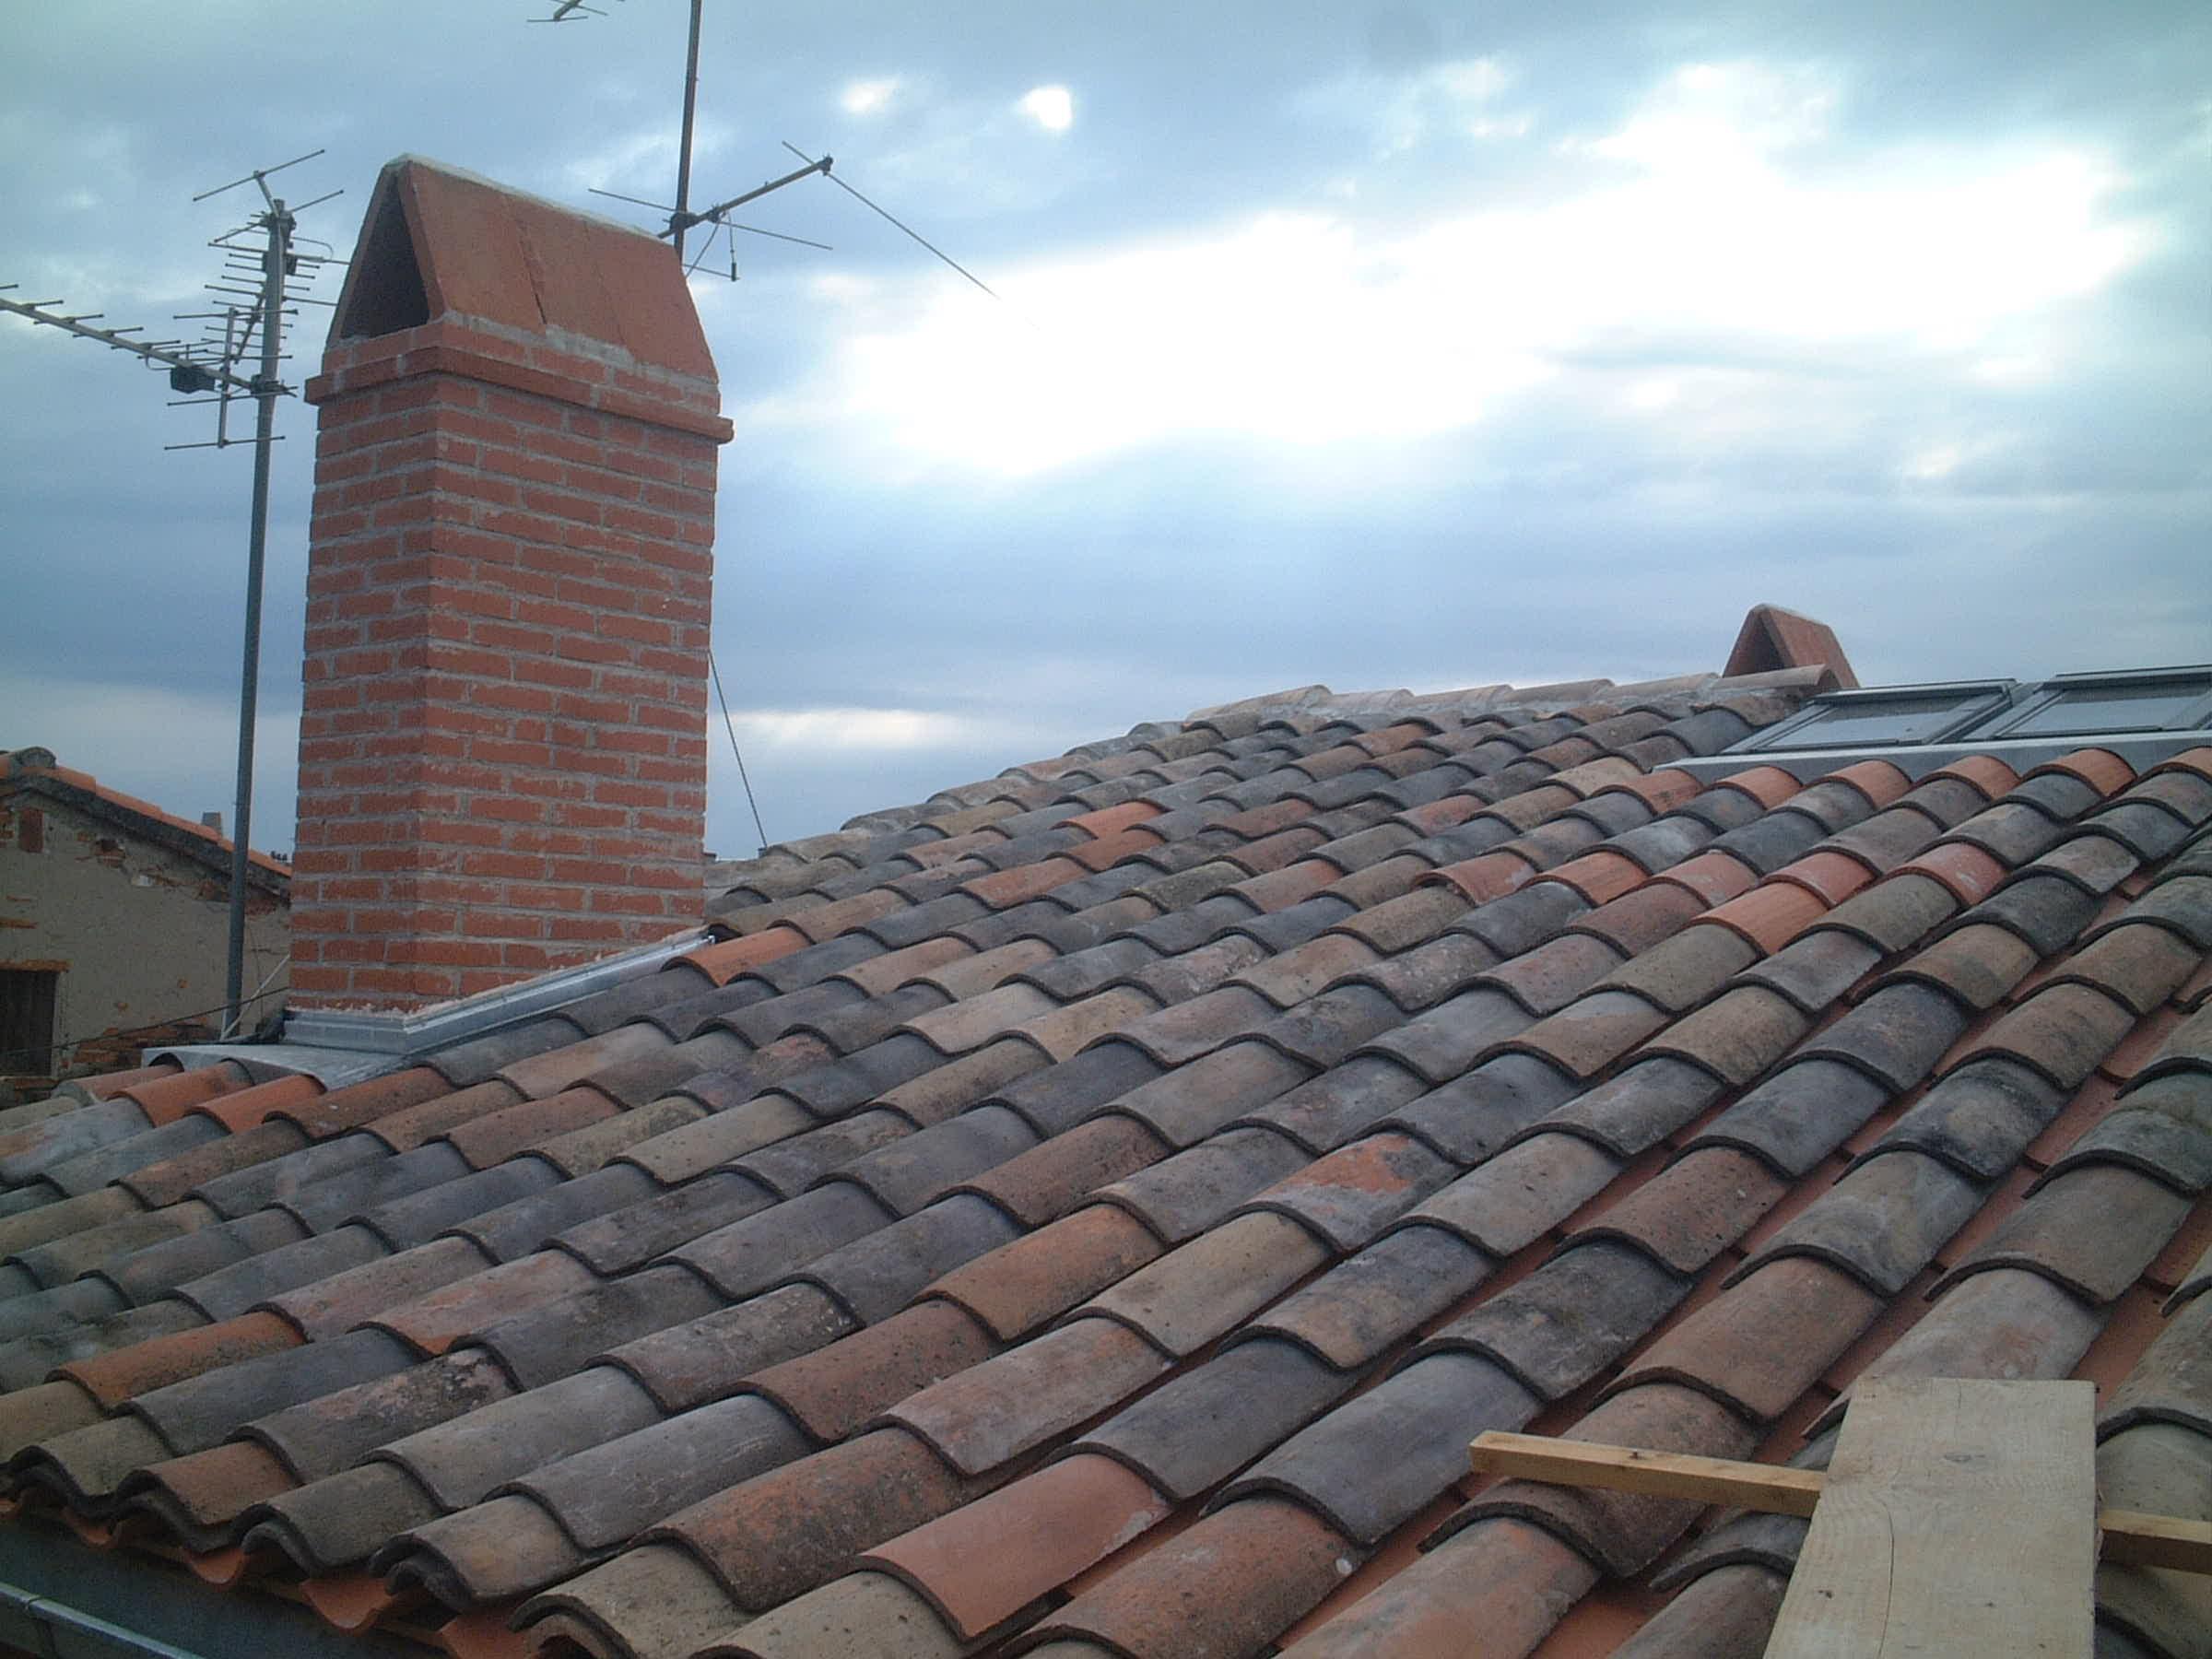 Couverture, Velux et souche de cheminée